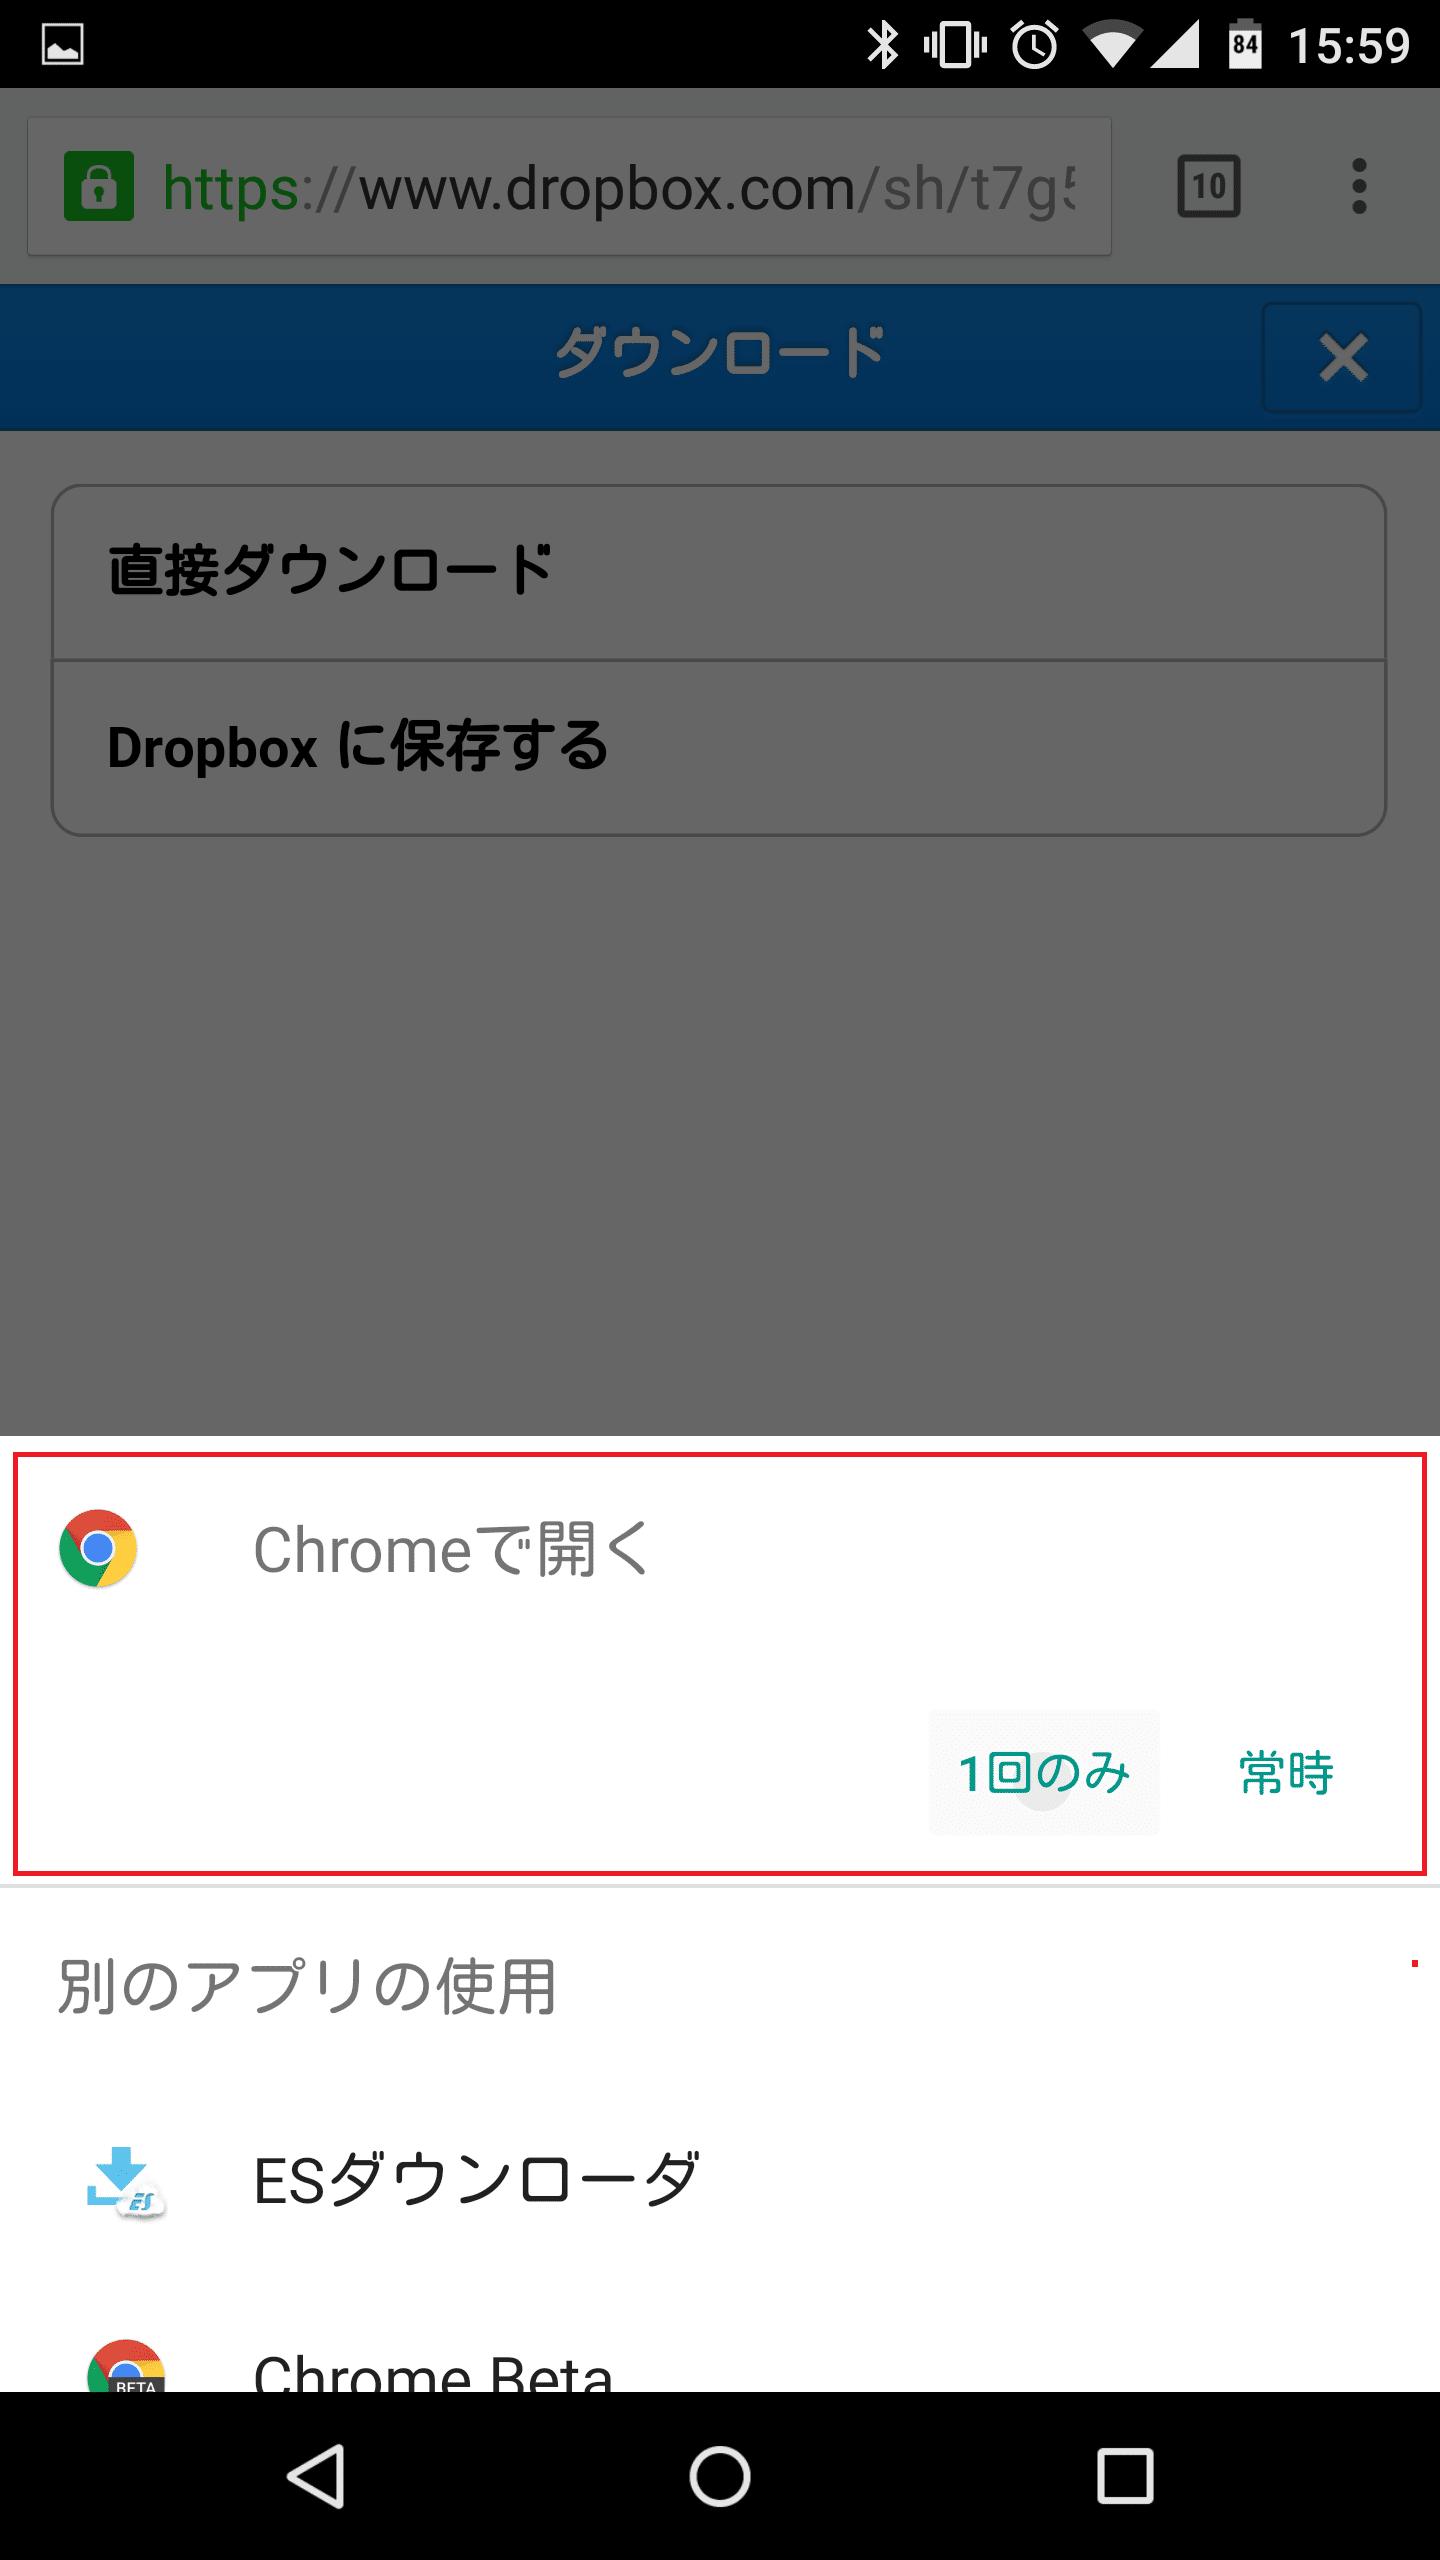 DropboxからAndroid/iPhoneにファイルをエクス …